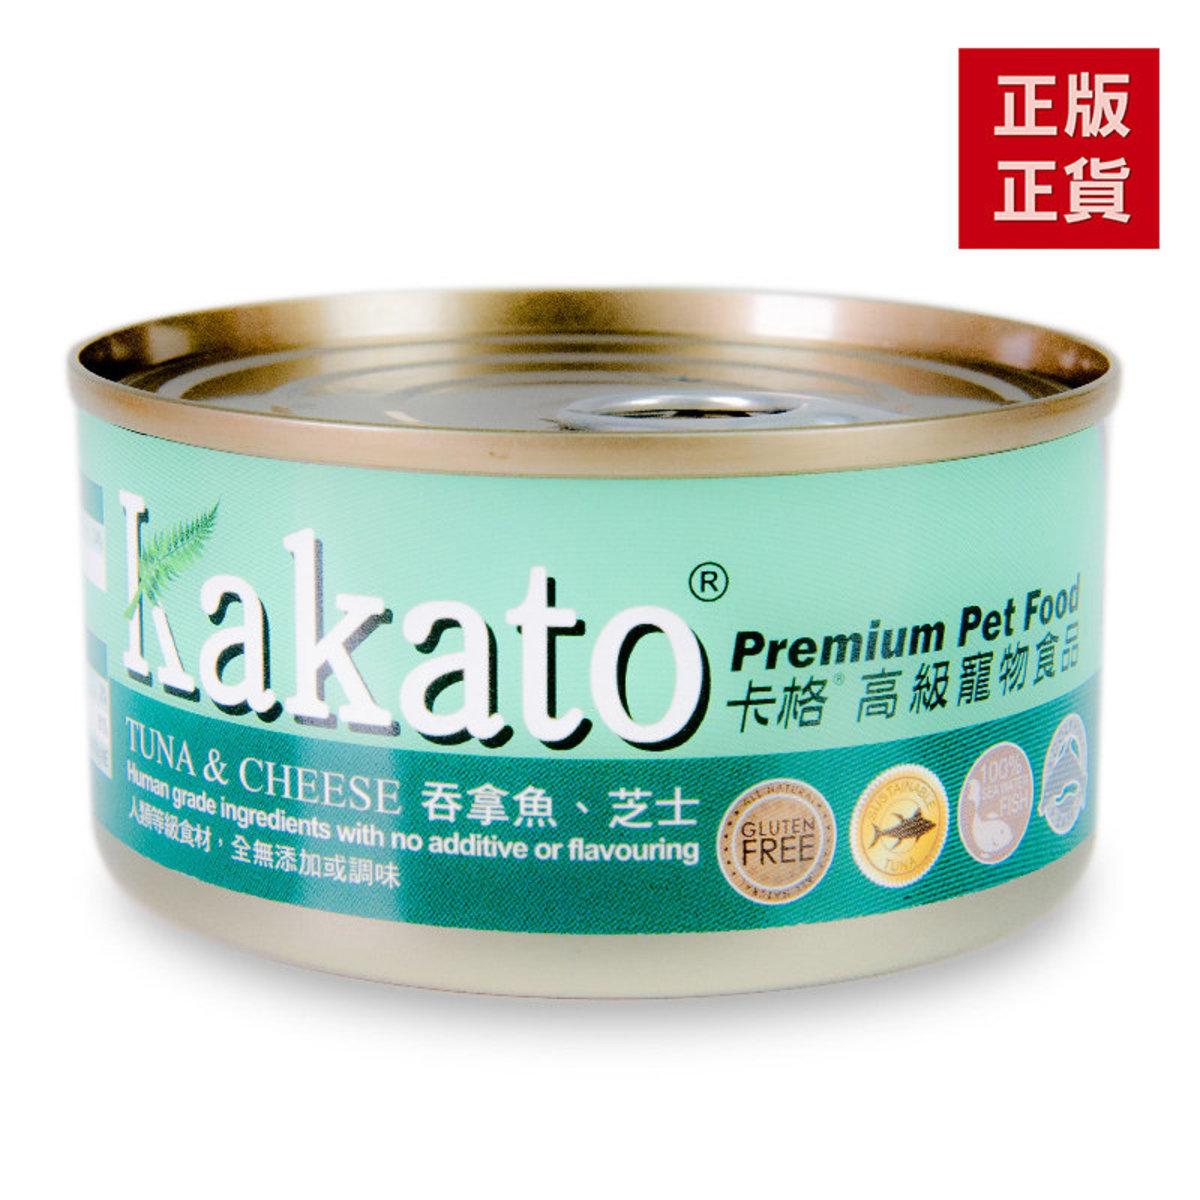 吞拿魚芝士貓狗罐頭170g